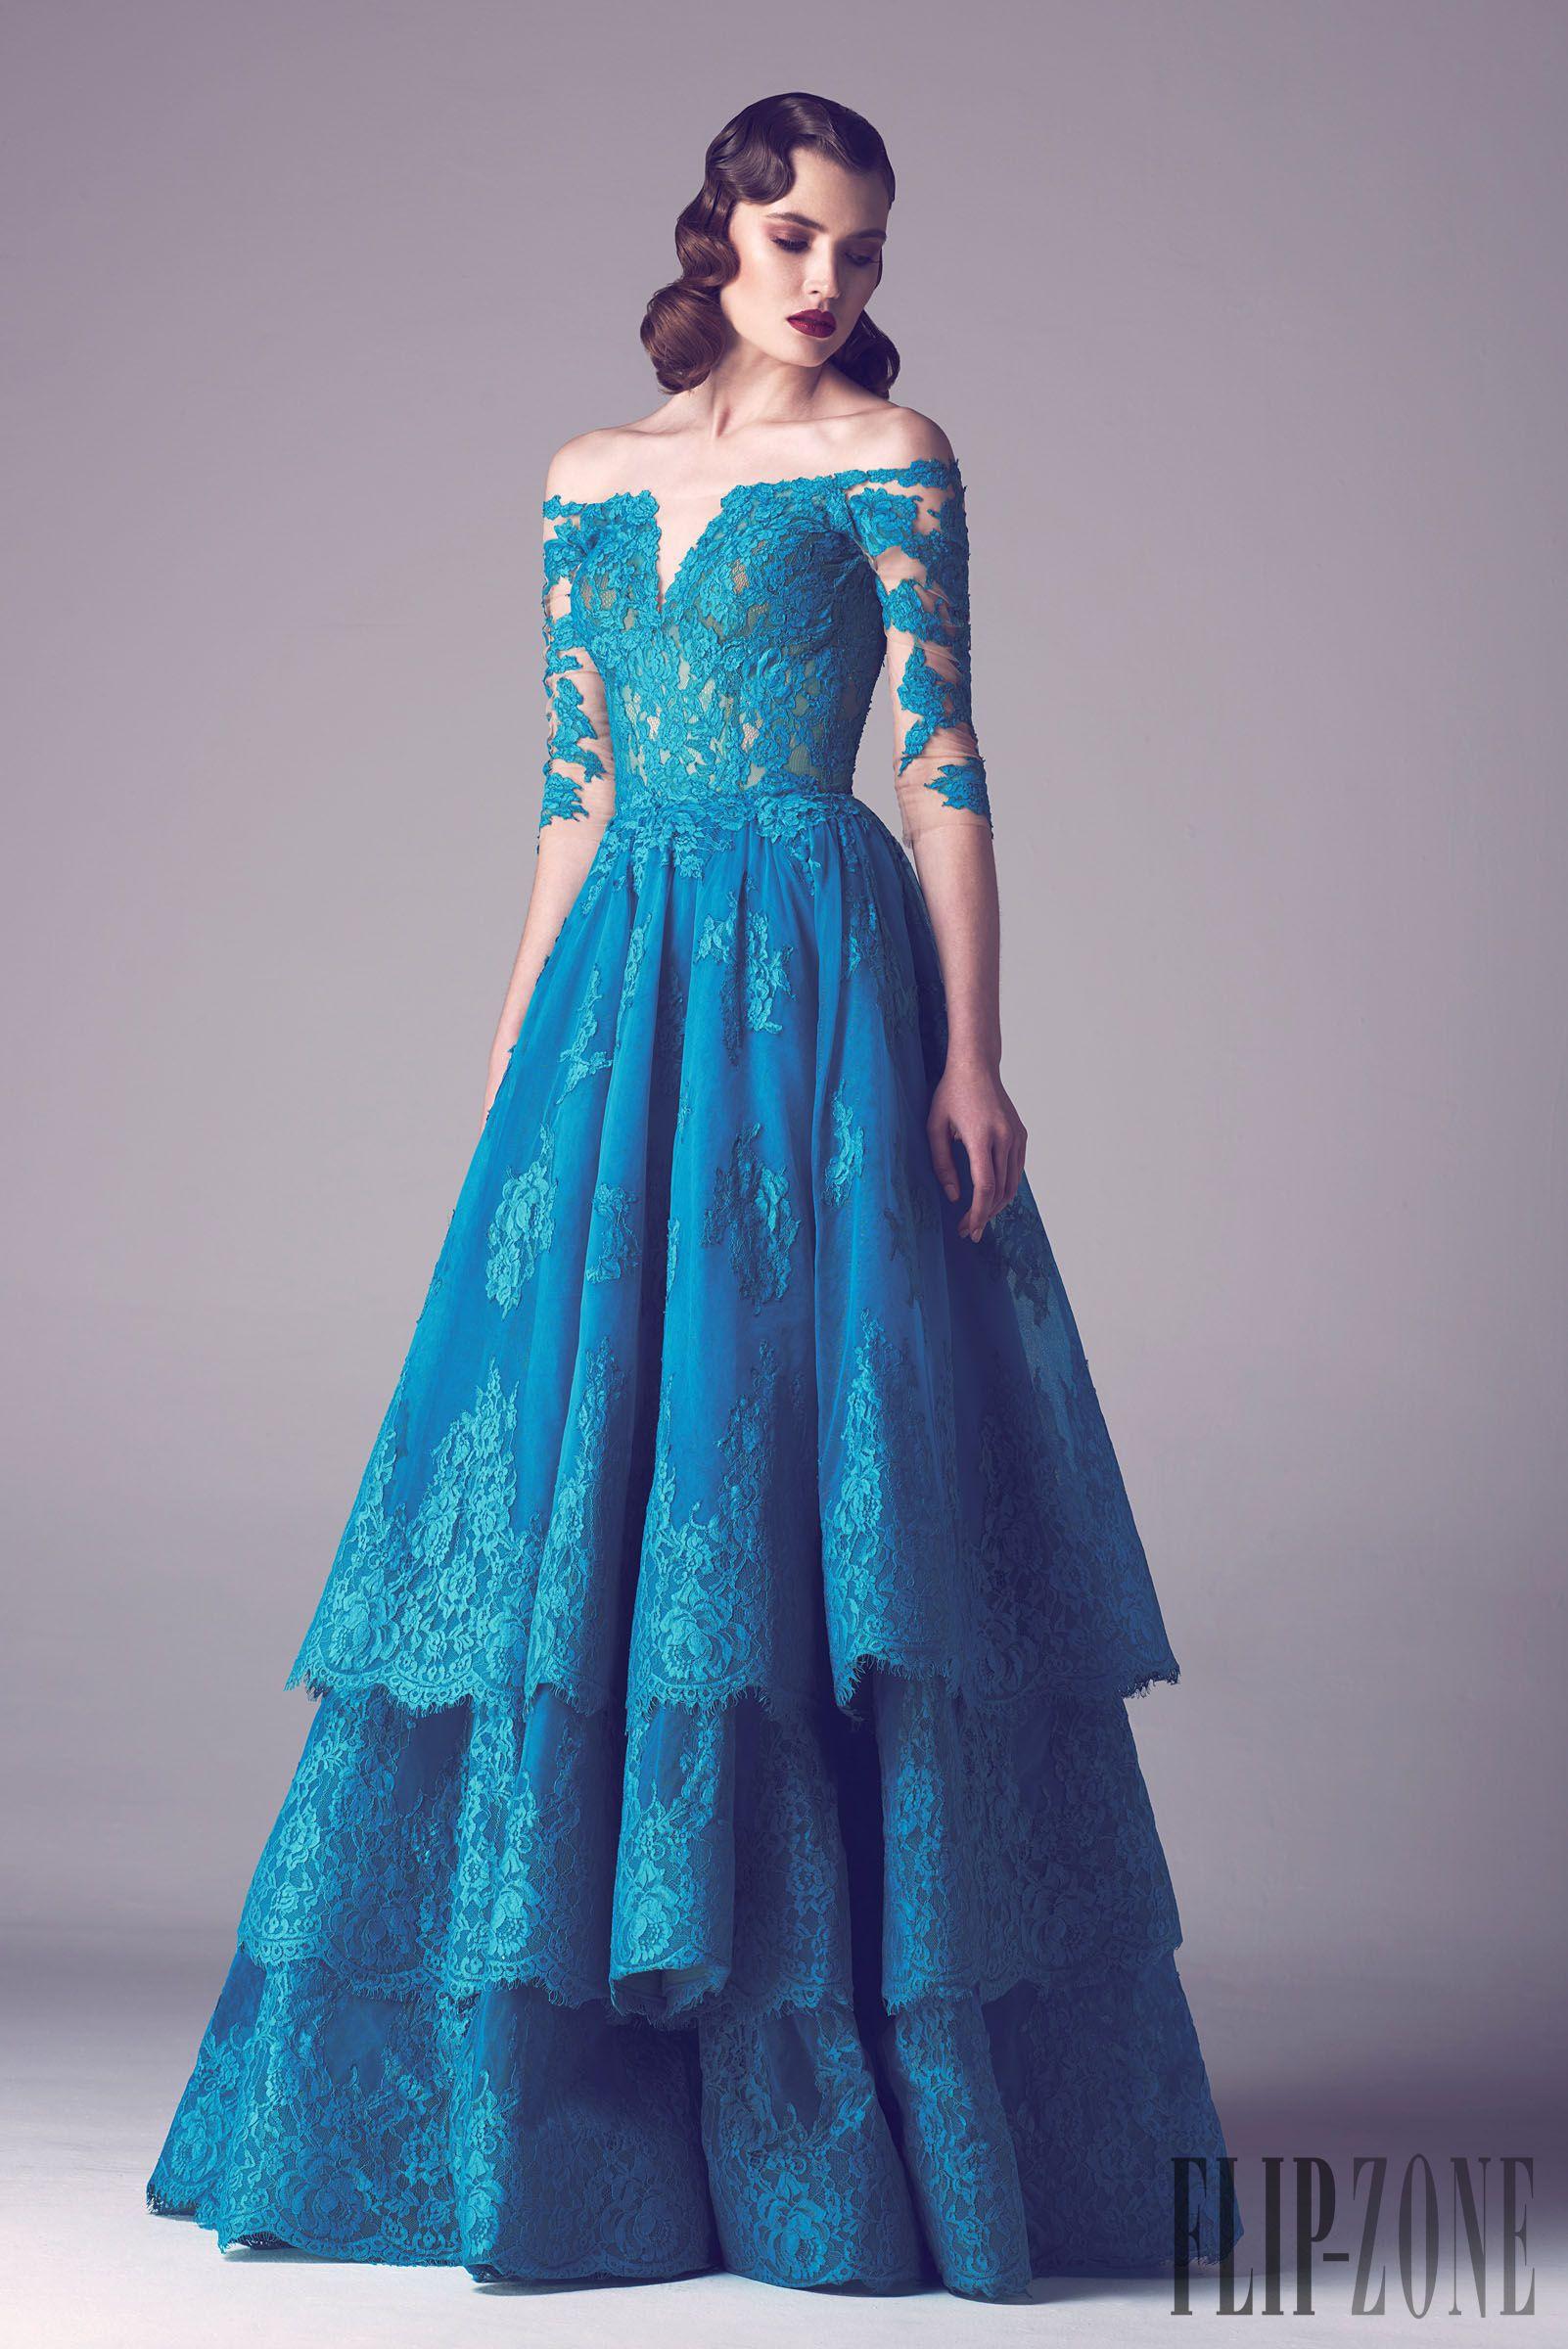 Fadwa Baalbaki Frühjahr/Sommer 2015 - Couture | Ballkleider, Kleider ...